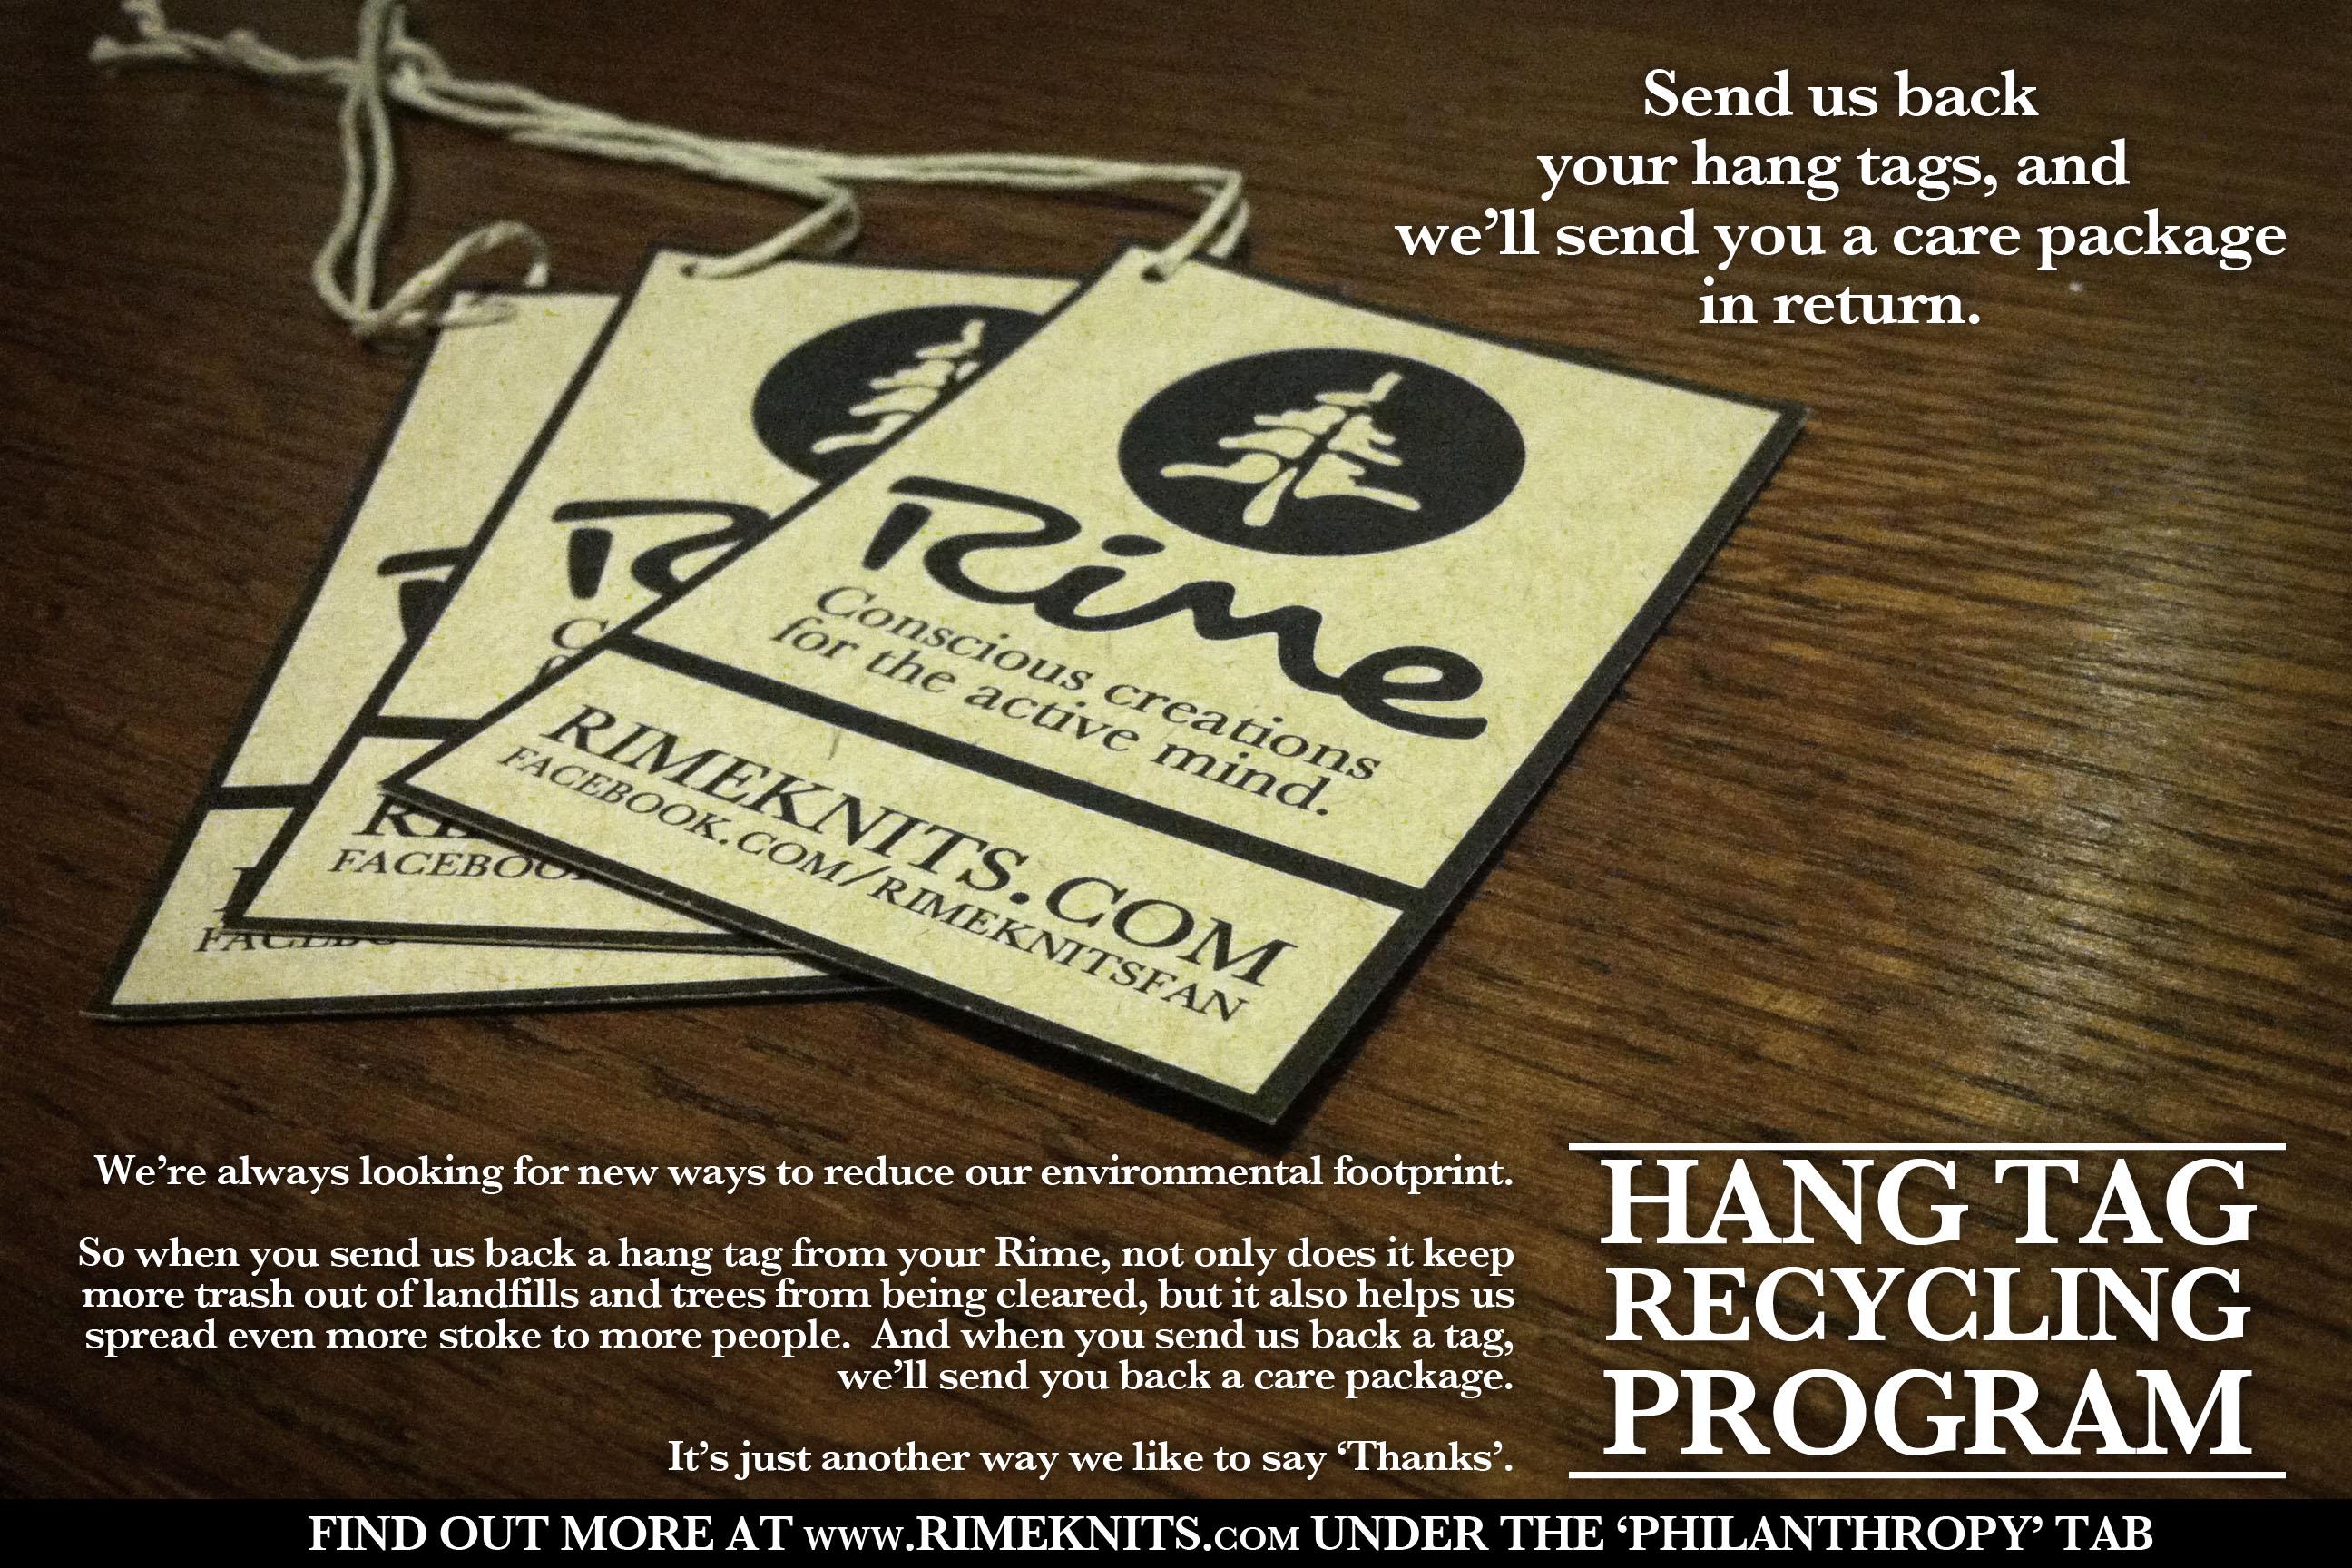 Hang Tag Recycling